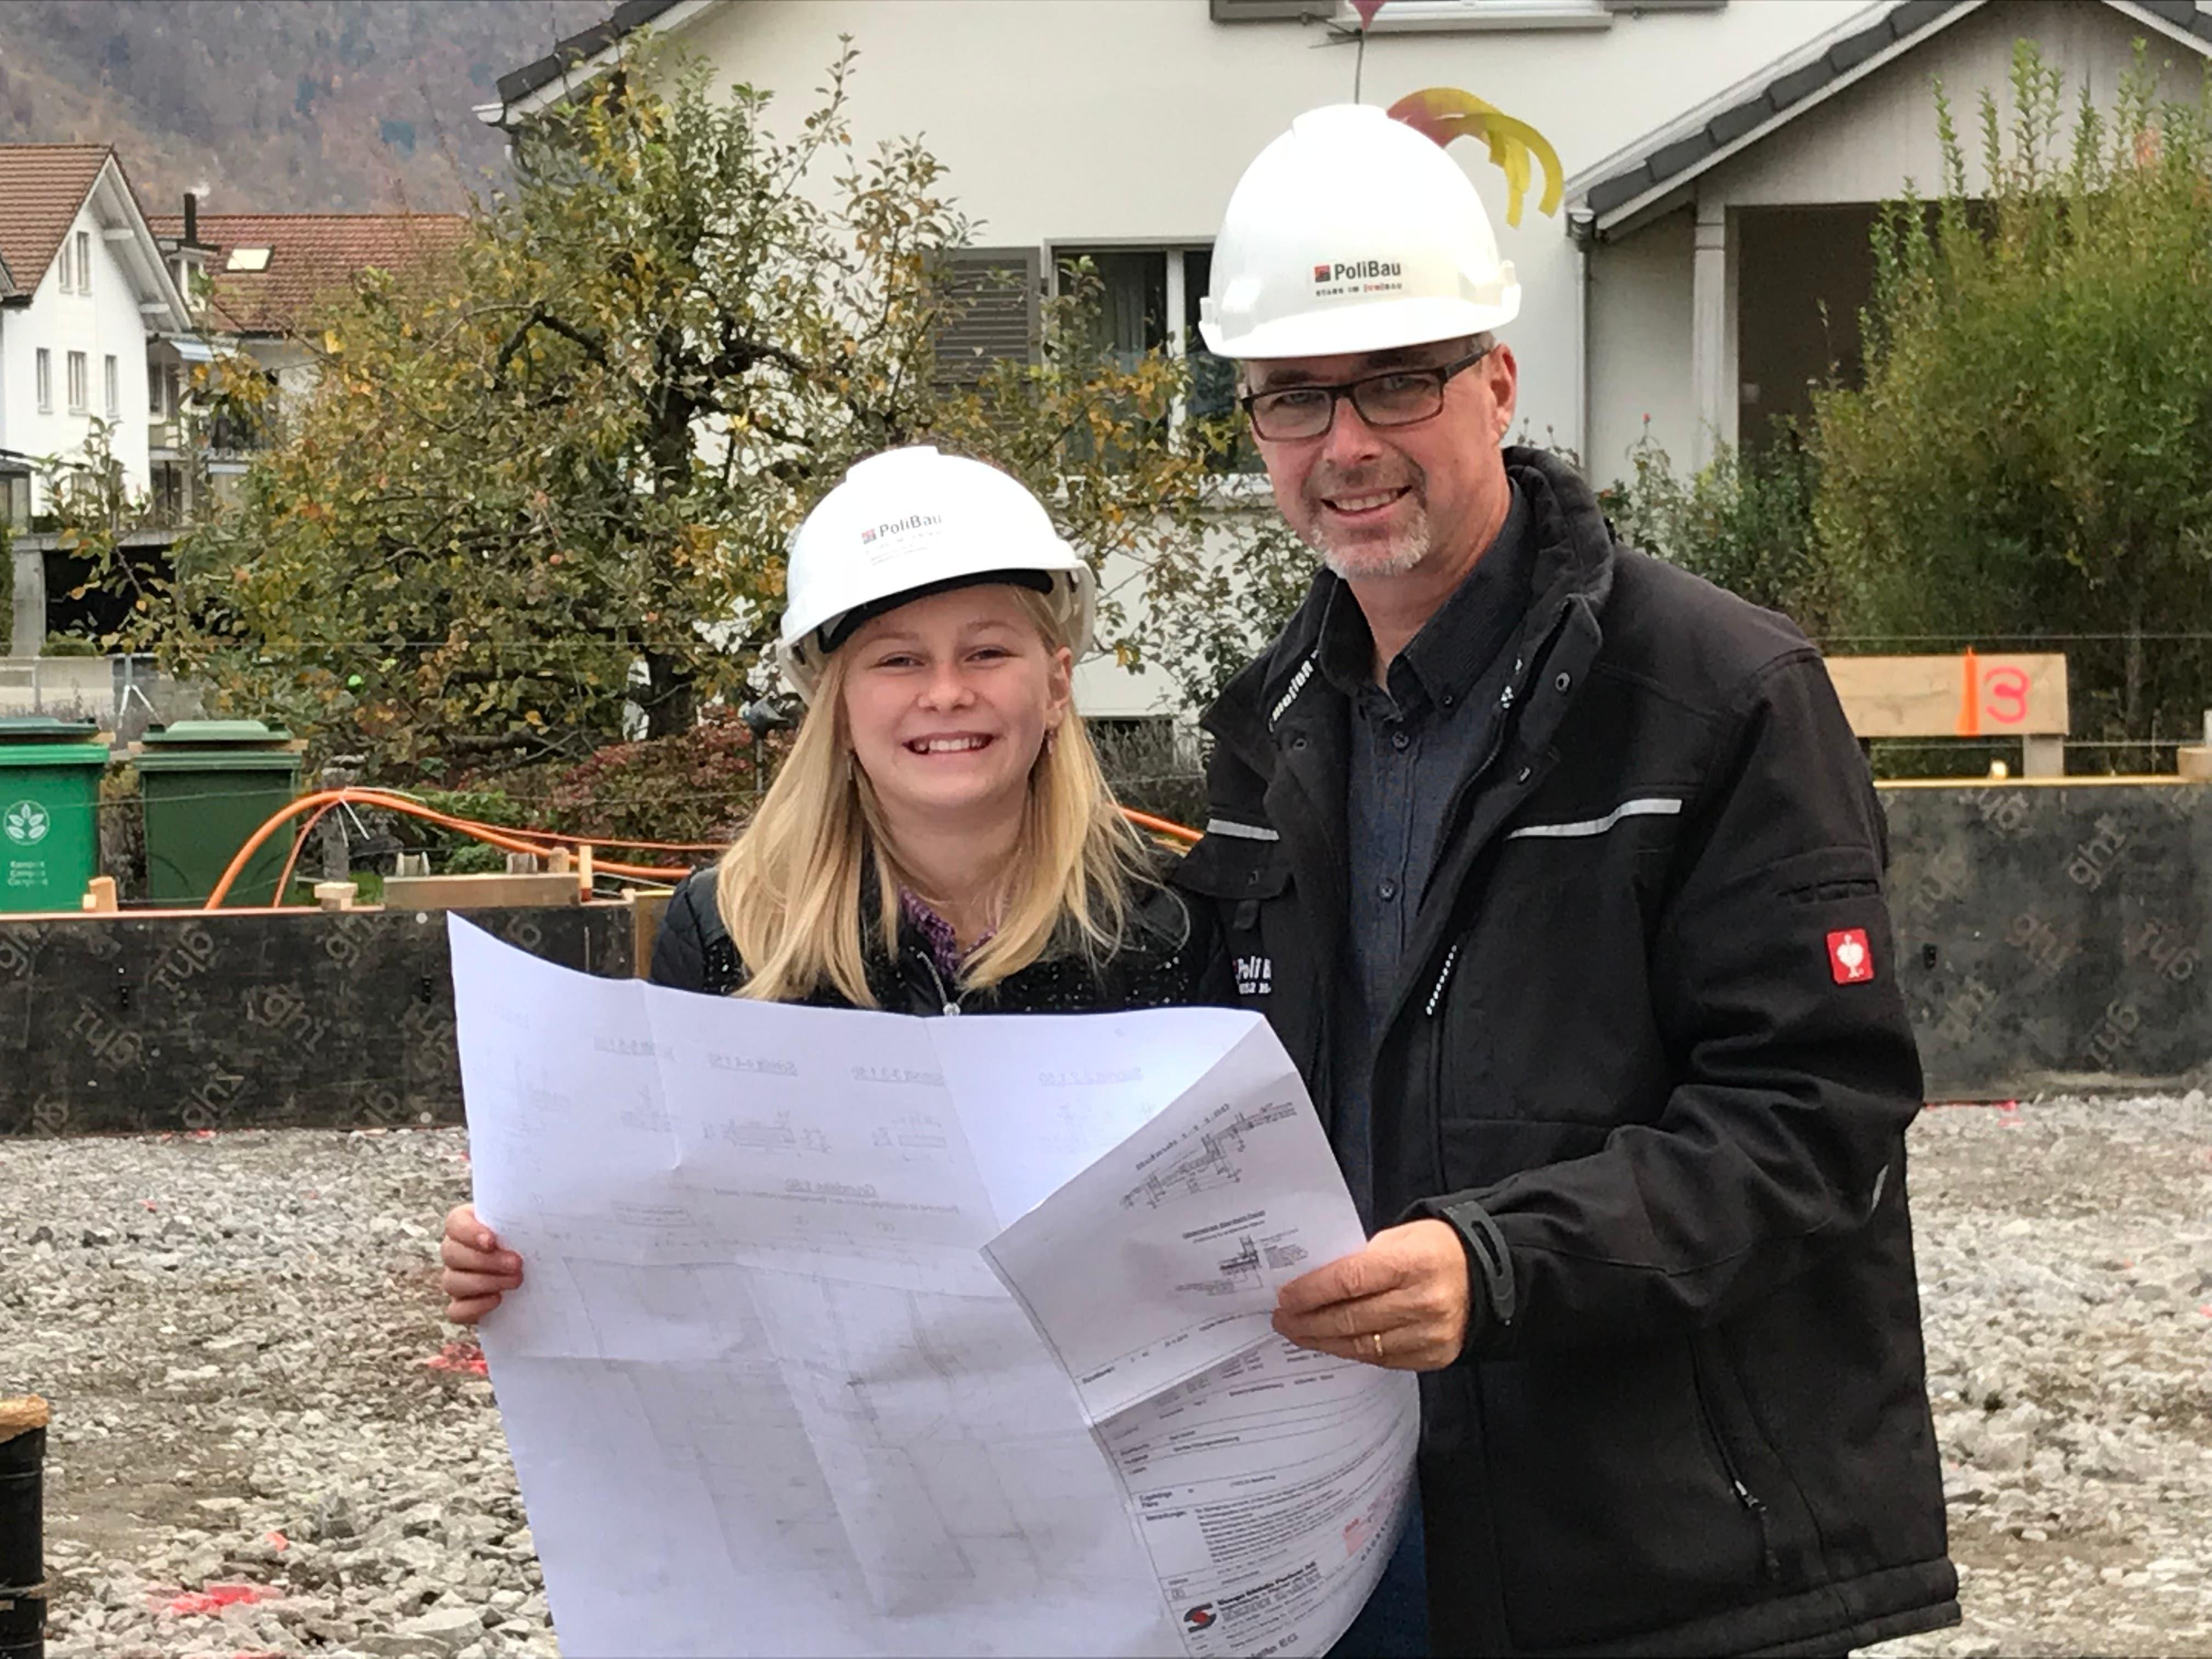 Lorena Odermatt mit Armin Odermatt unterwegs auf der Baustelle. (Bild: Fabio Schuler, 8. November 2018)